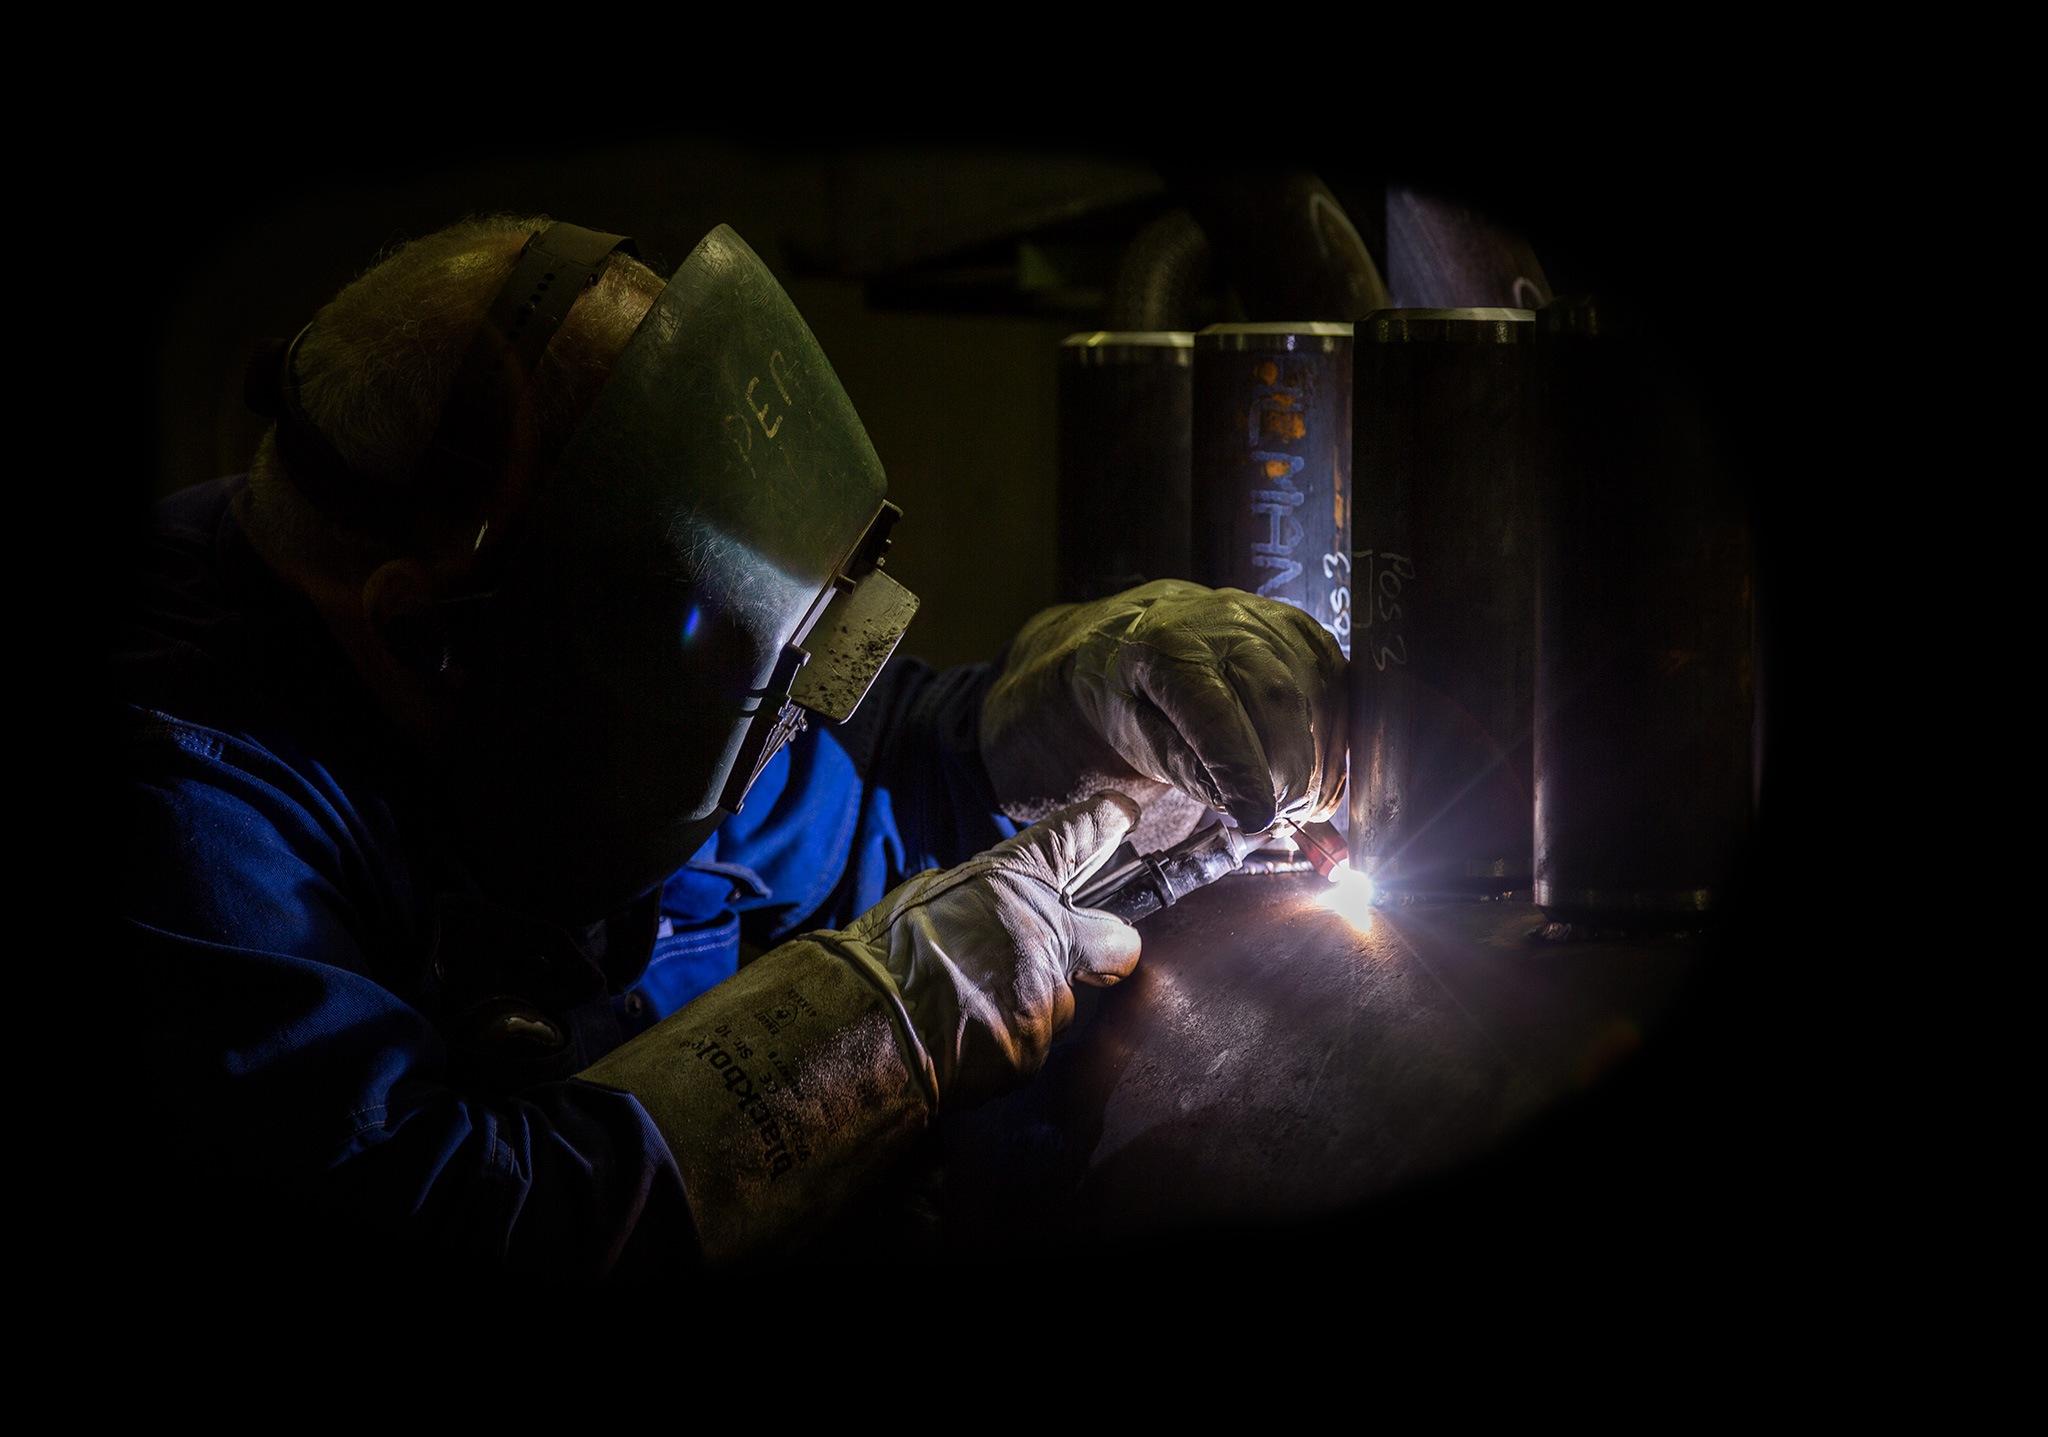 The welder by Claus Lyst Hansen